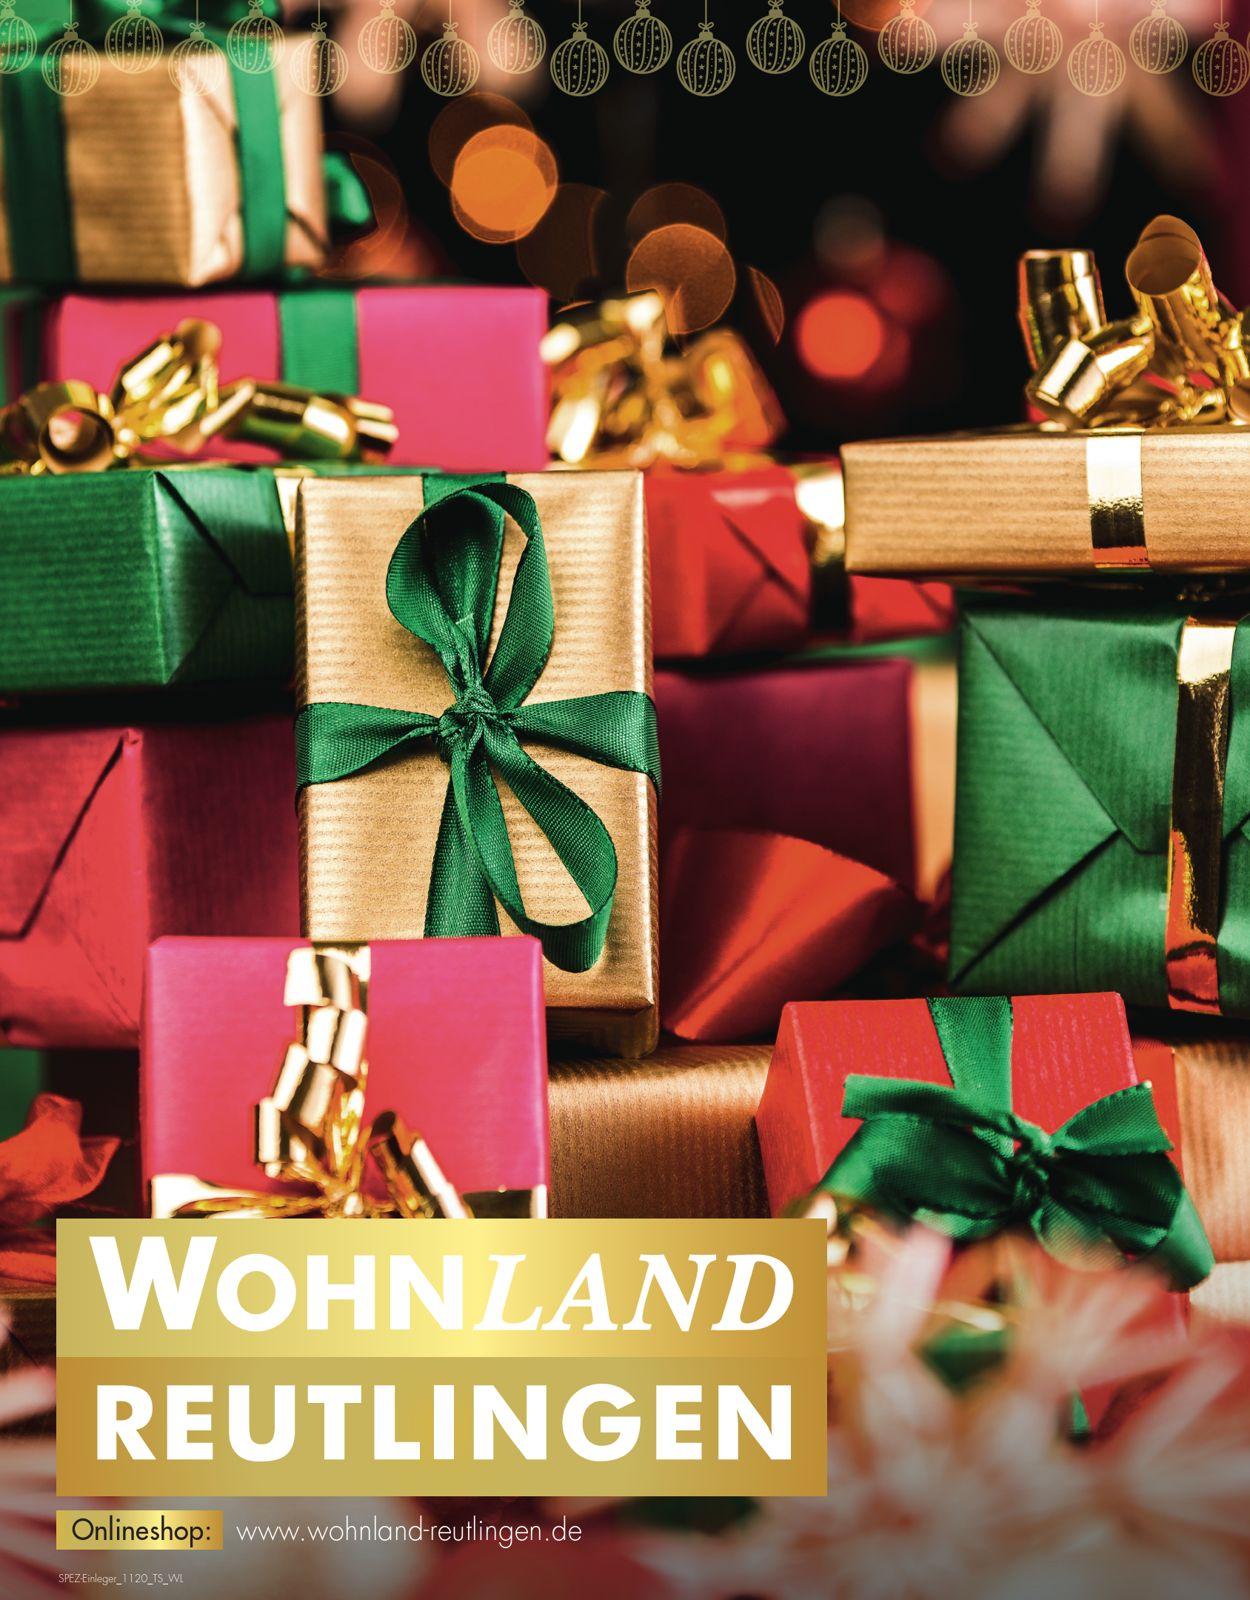 Wohnland Reutlingen - Weihnachtsprospekt 2020 Prospekt - Aktuell vom 20.11-30.11.2020